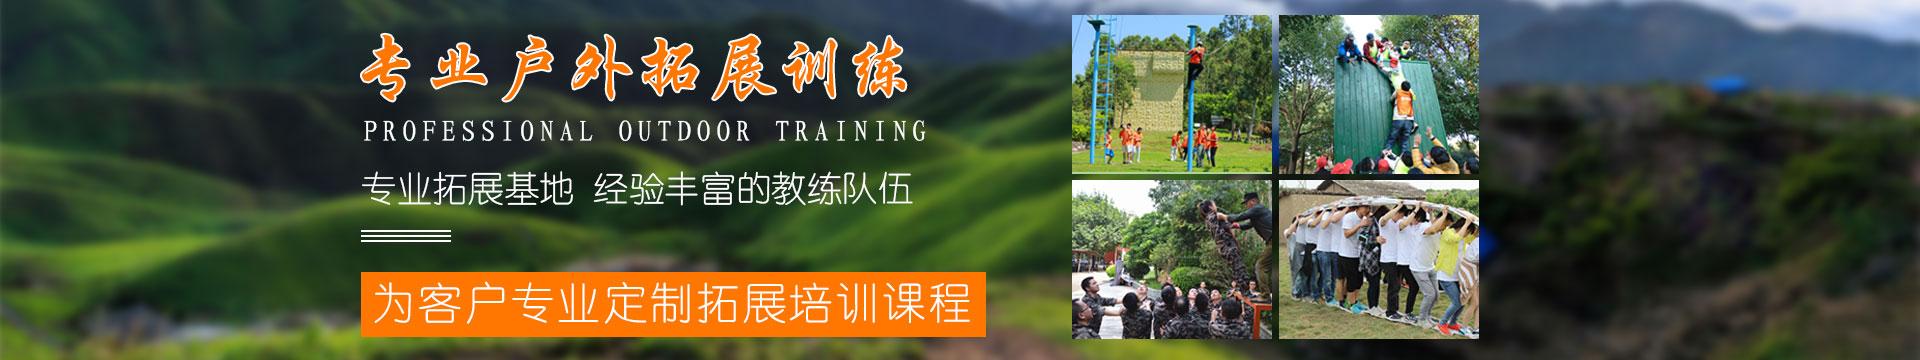 重庆户外拓展训练公司